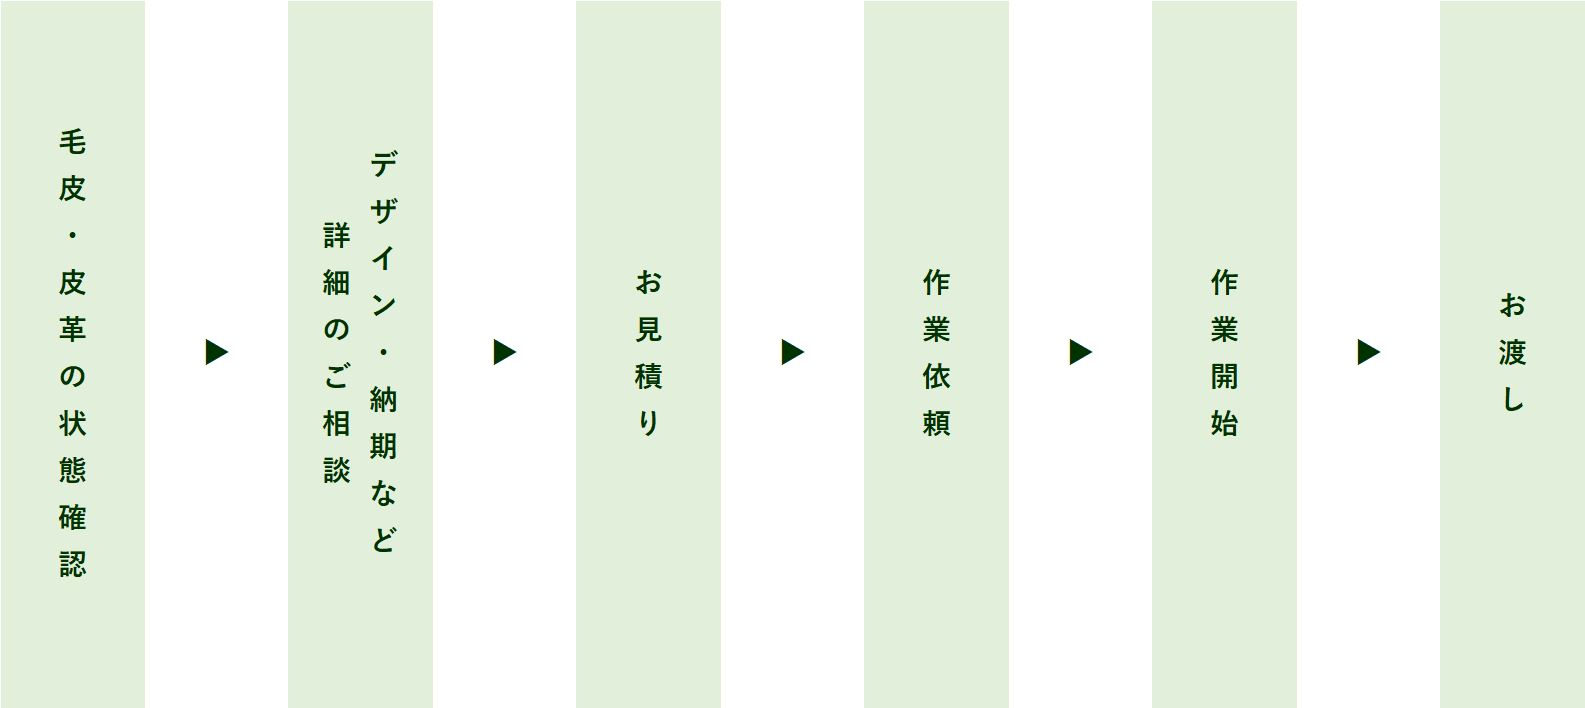 reform_order